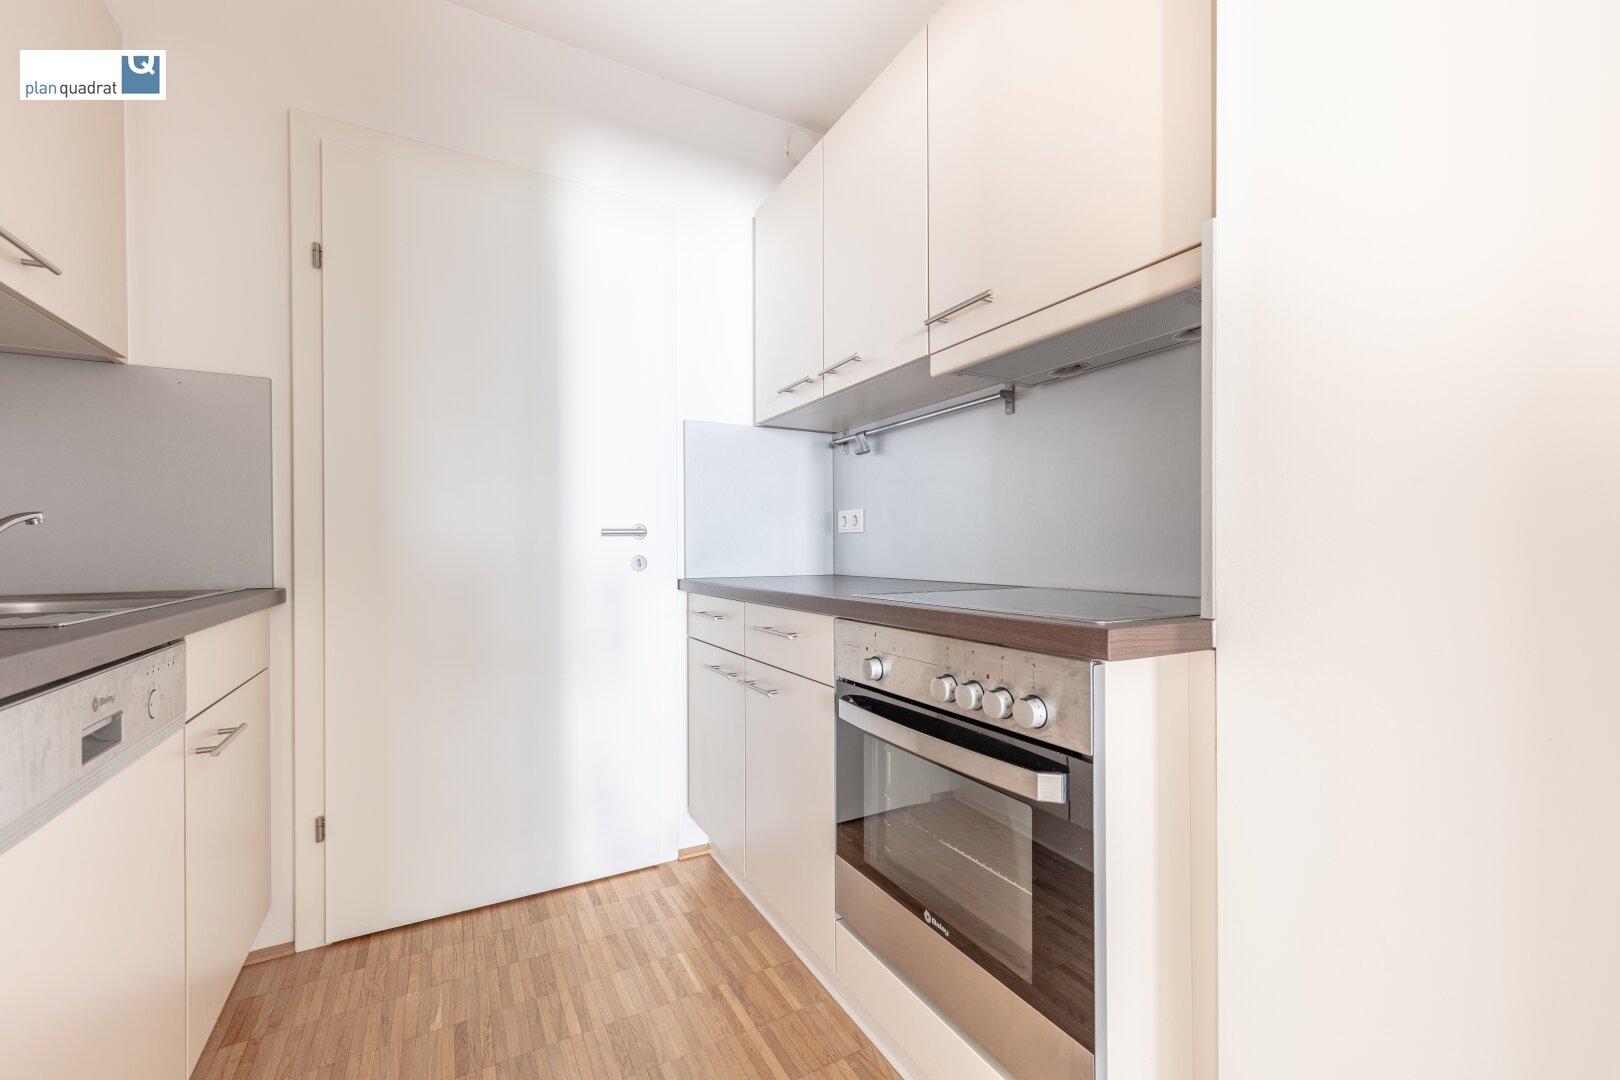 Küche (ca. 4,30 m²) mit Zugang zum Abstellraum